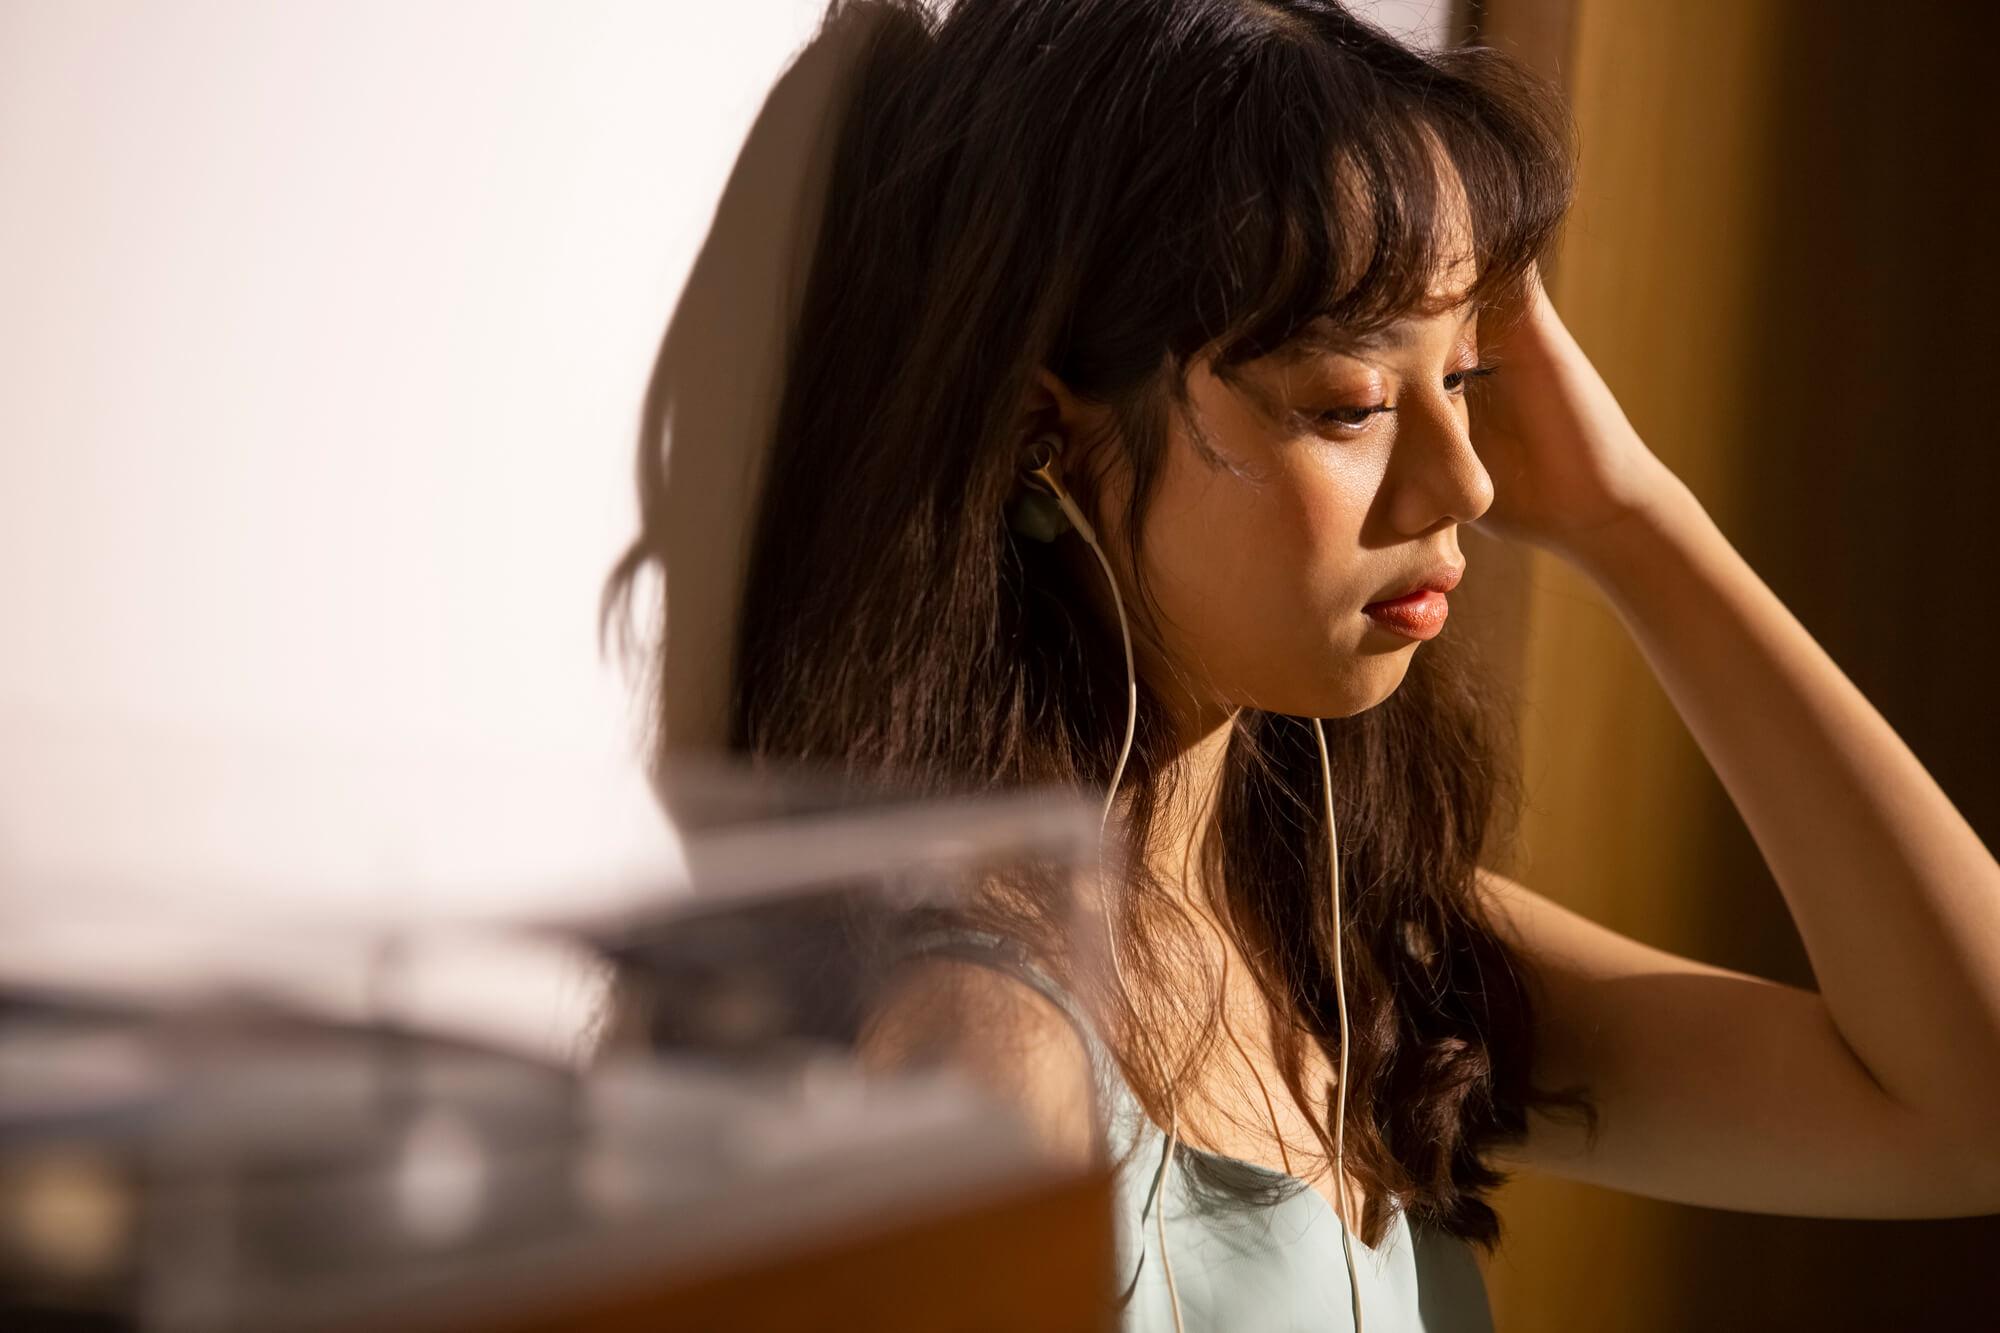 アスペルガー症候群と診断され職場の人間関係に悩む女性